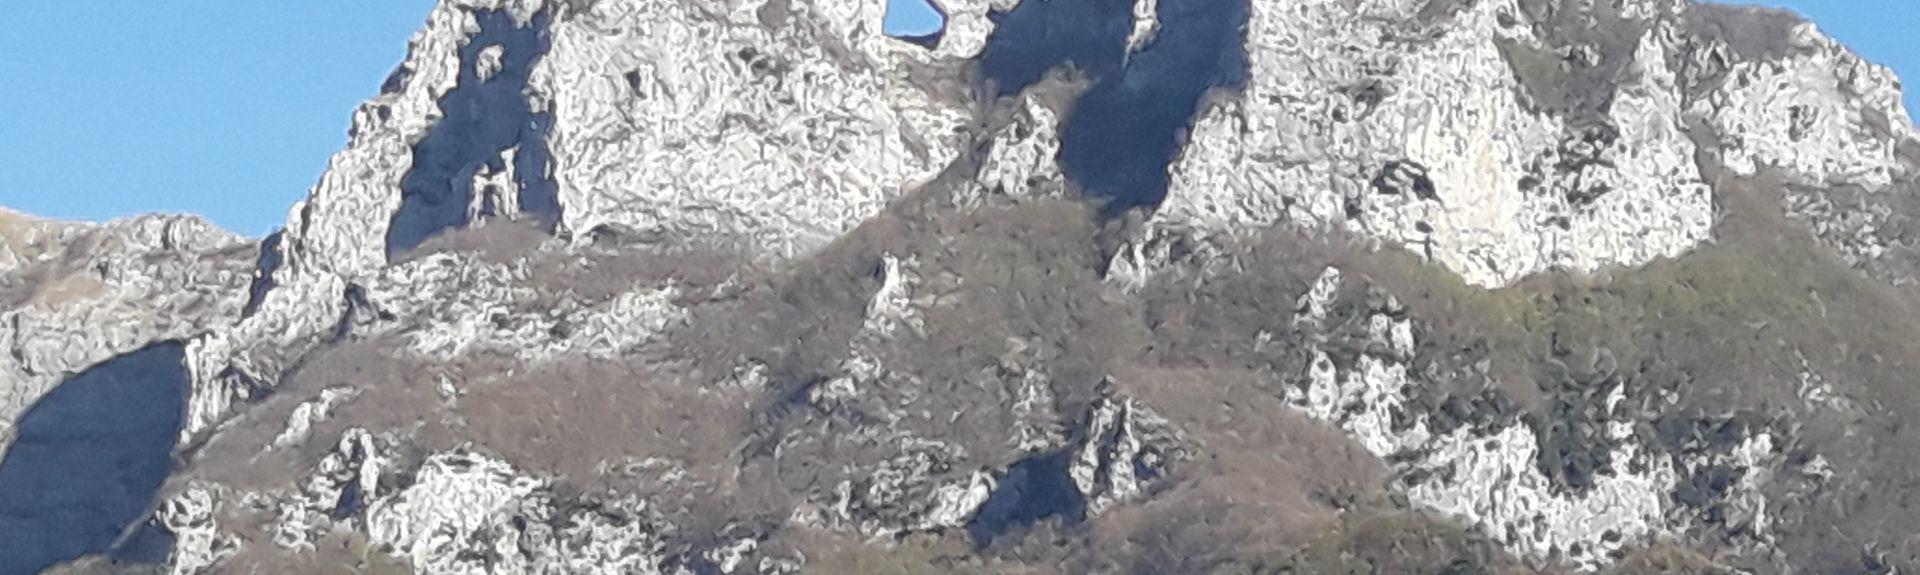 Μοντεμάνιο, Λούκα, Τοσκάνη, Ιταλία